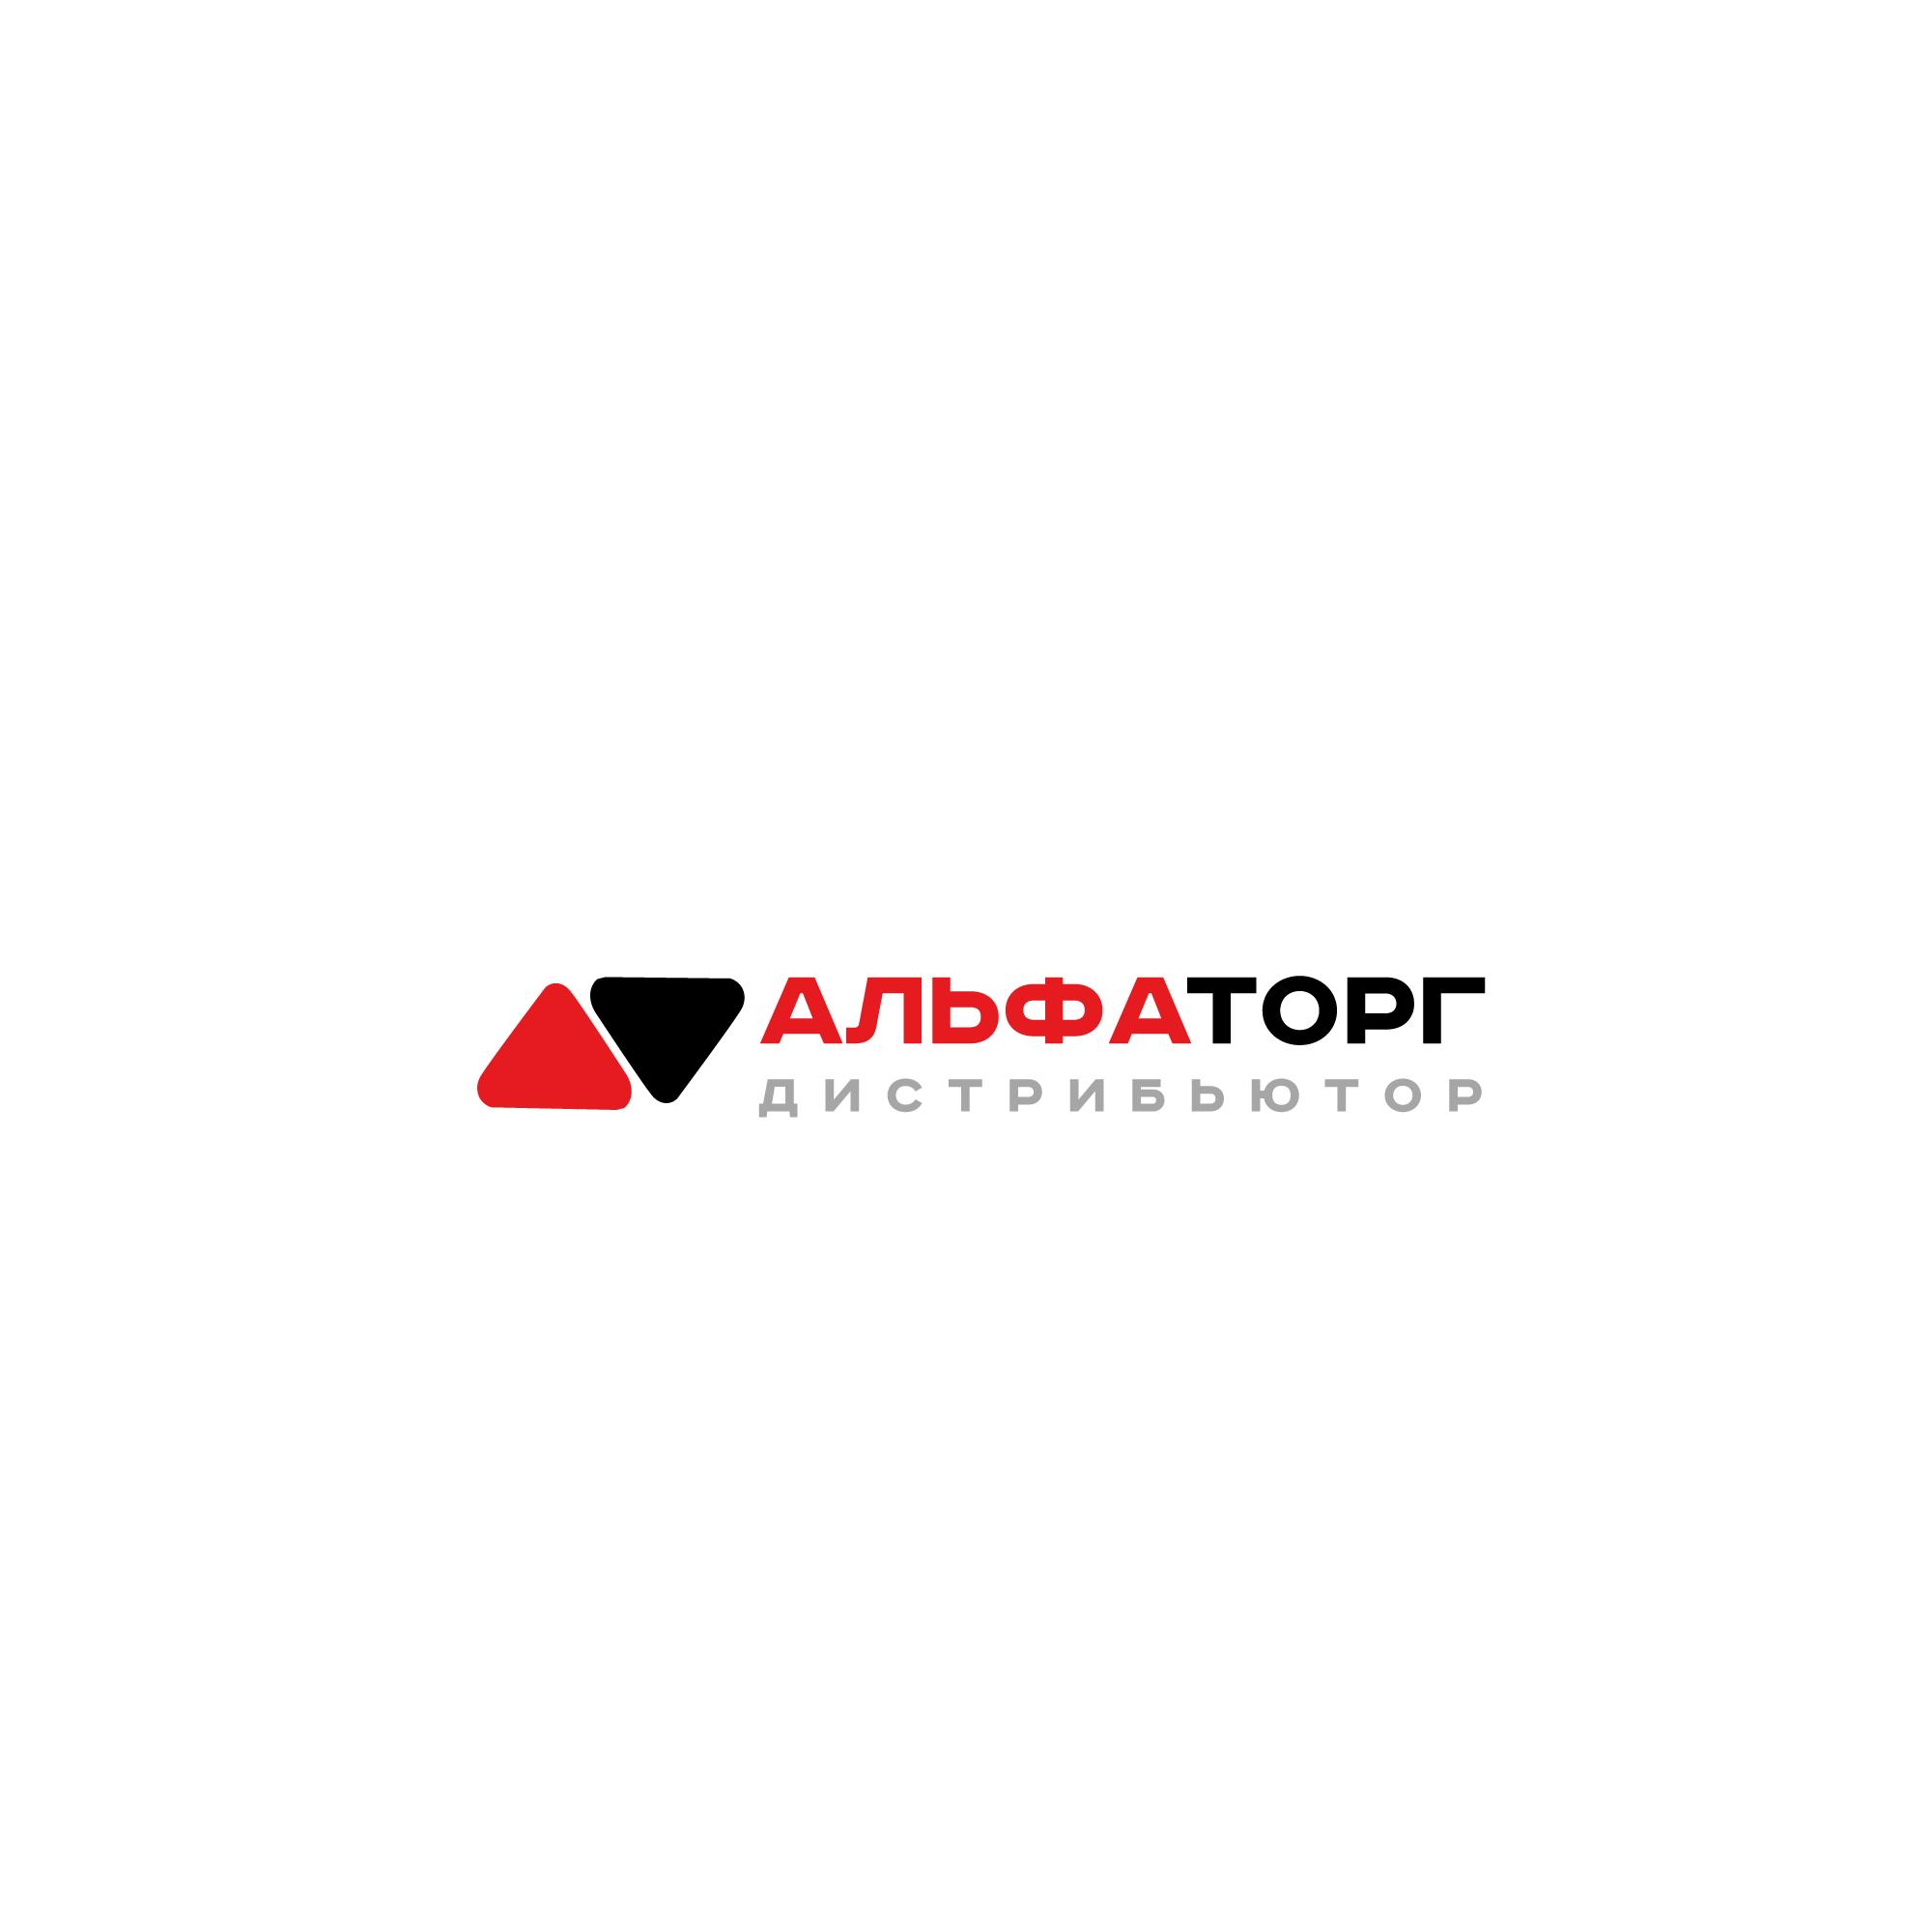 Логотип и фирменный стиль фото f_8375f02e6b72c805.jpg